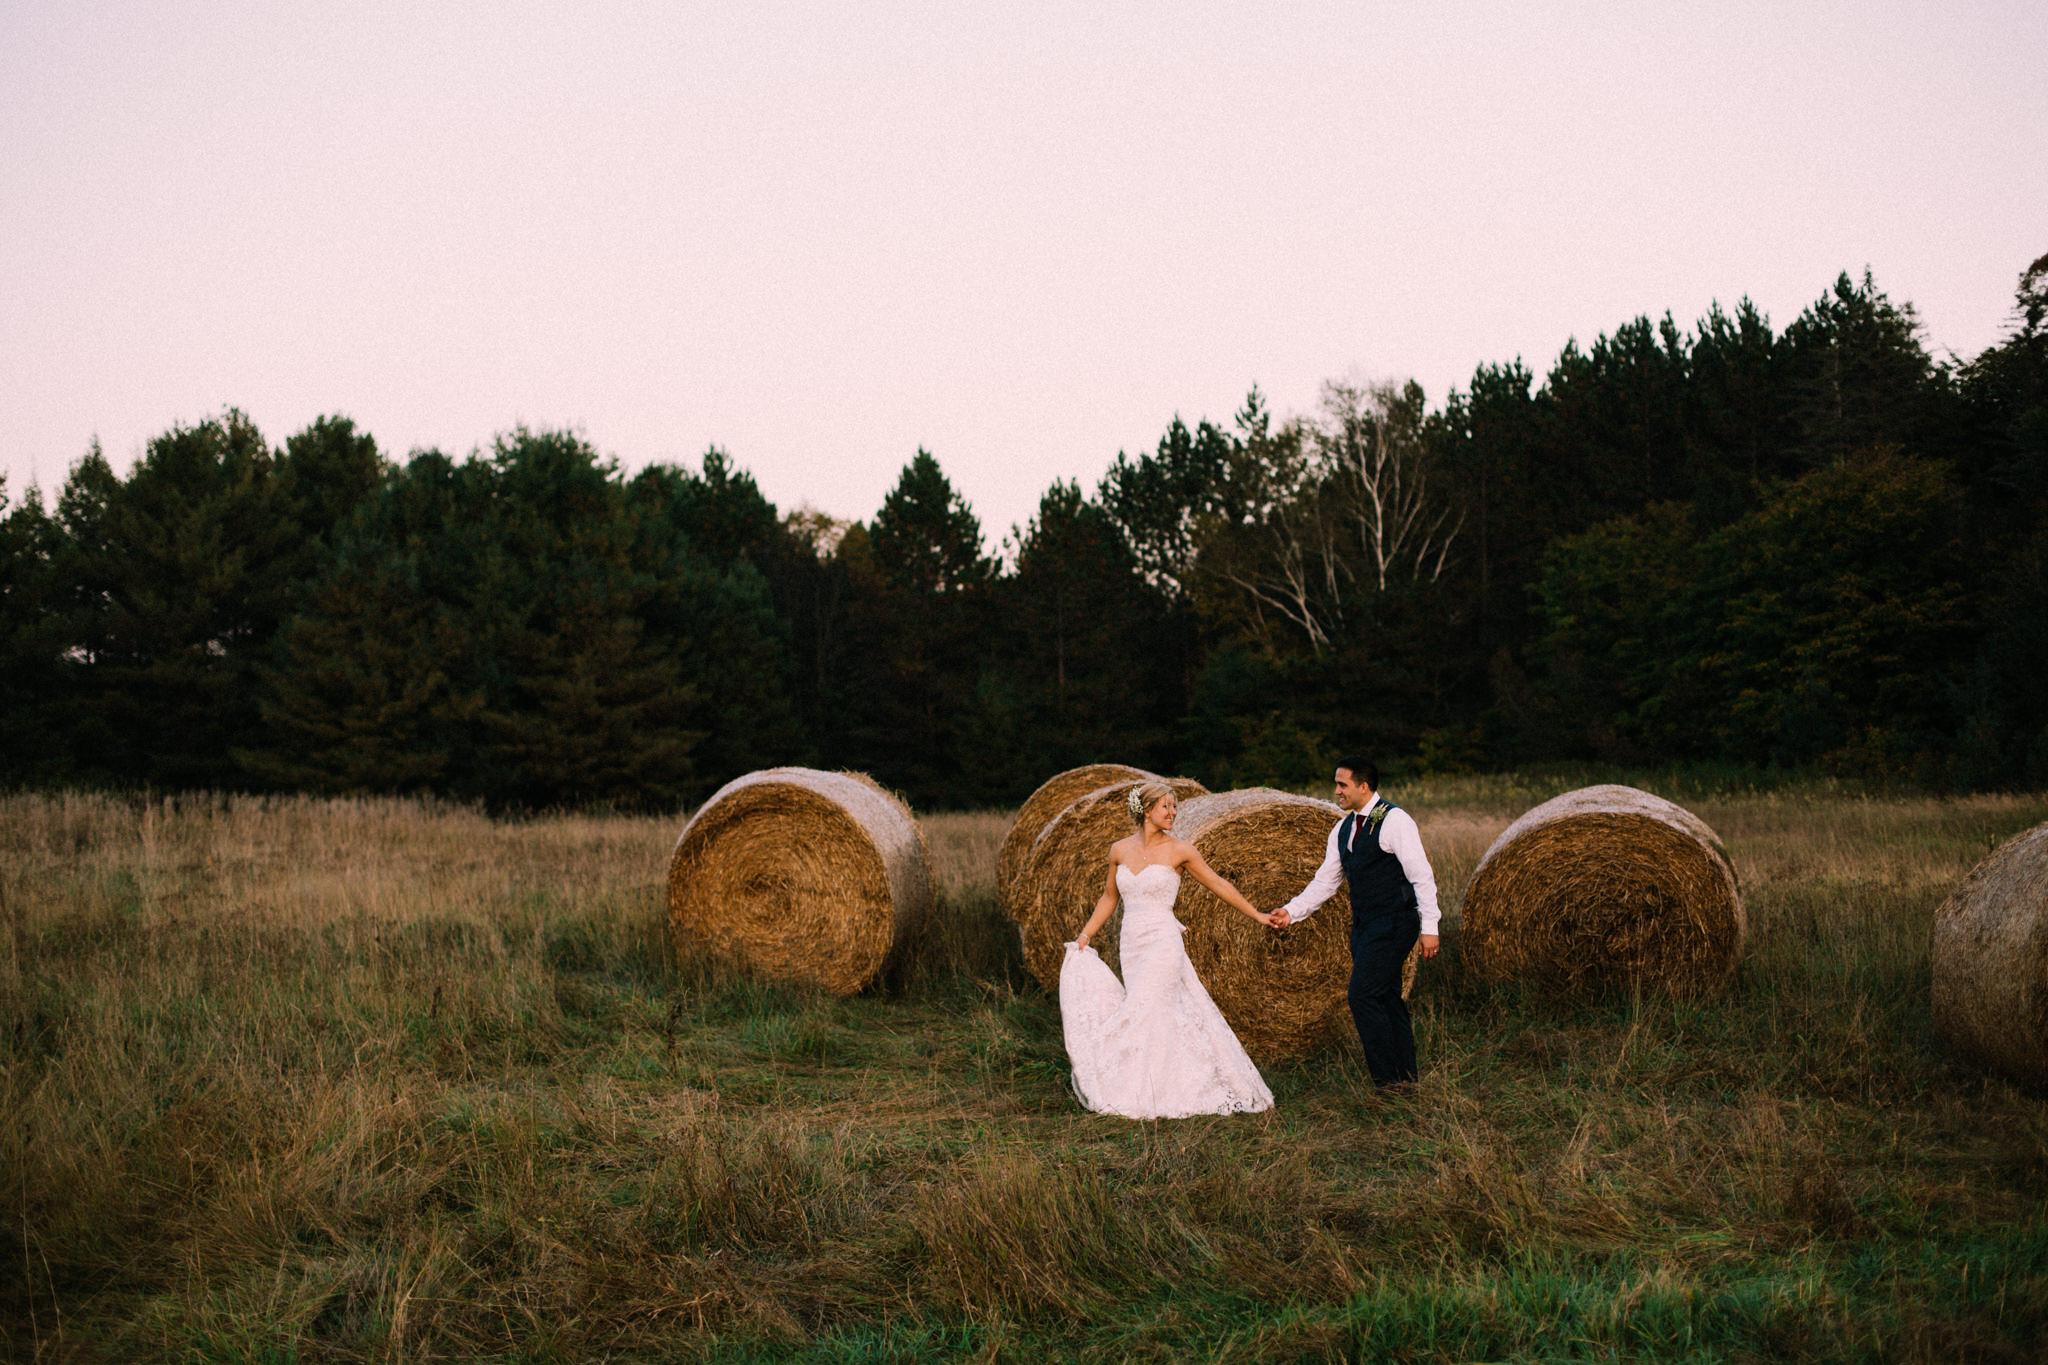 bride leading groom through a hayfield